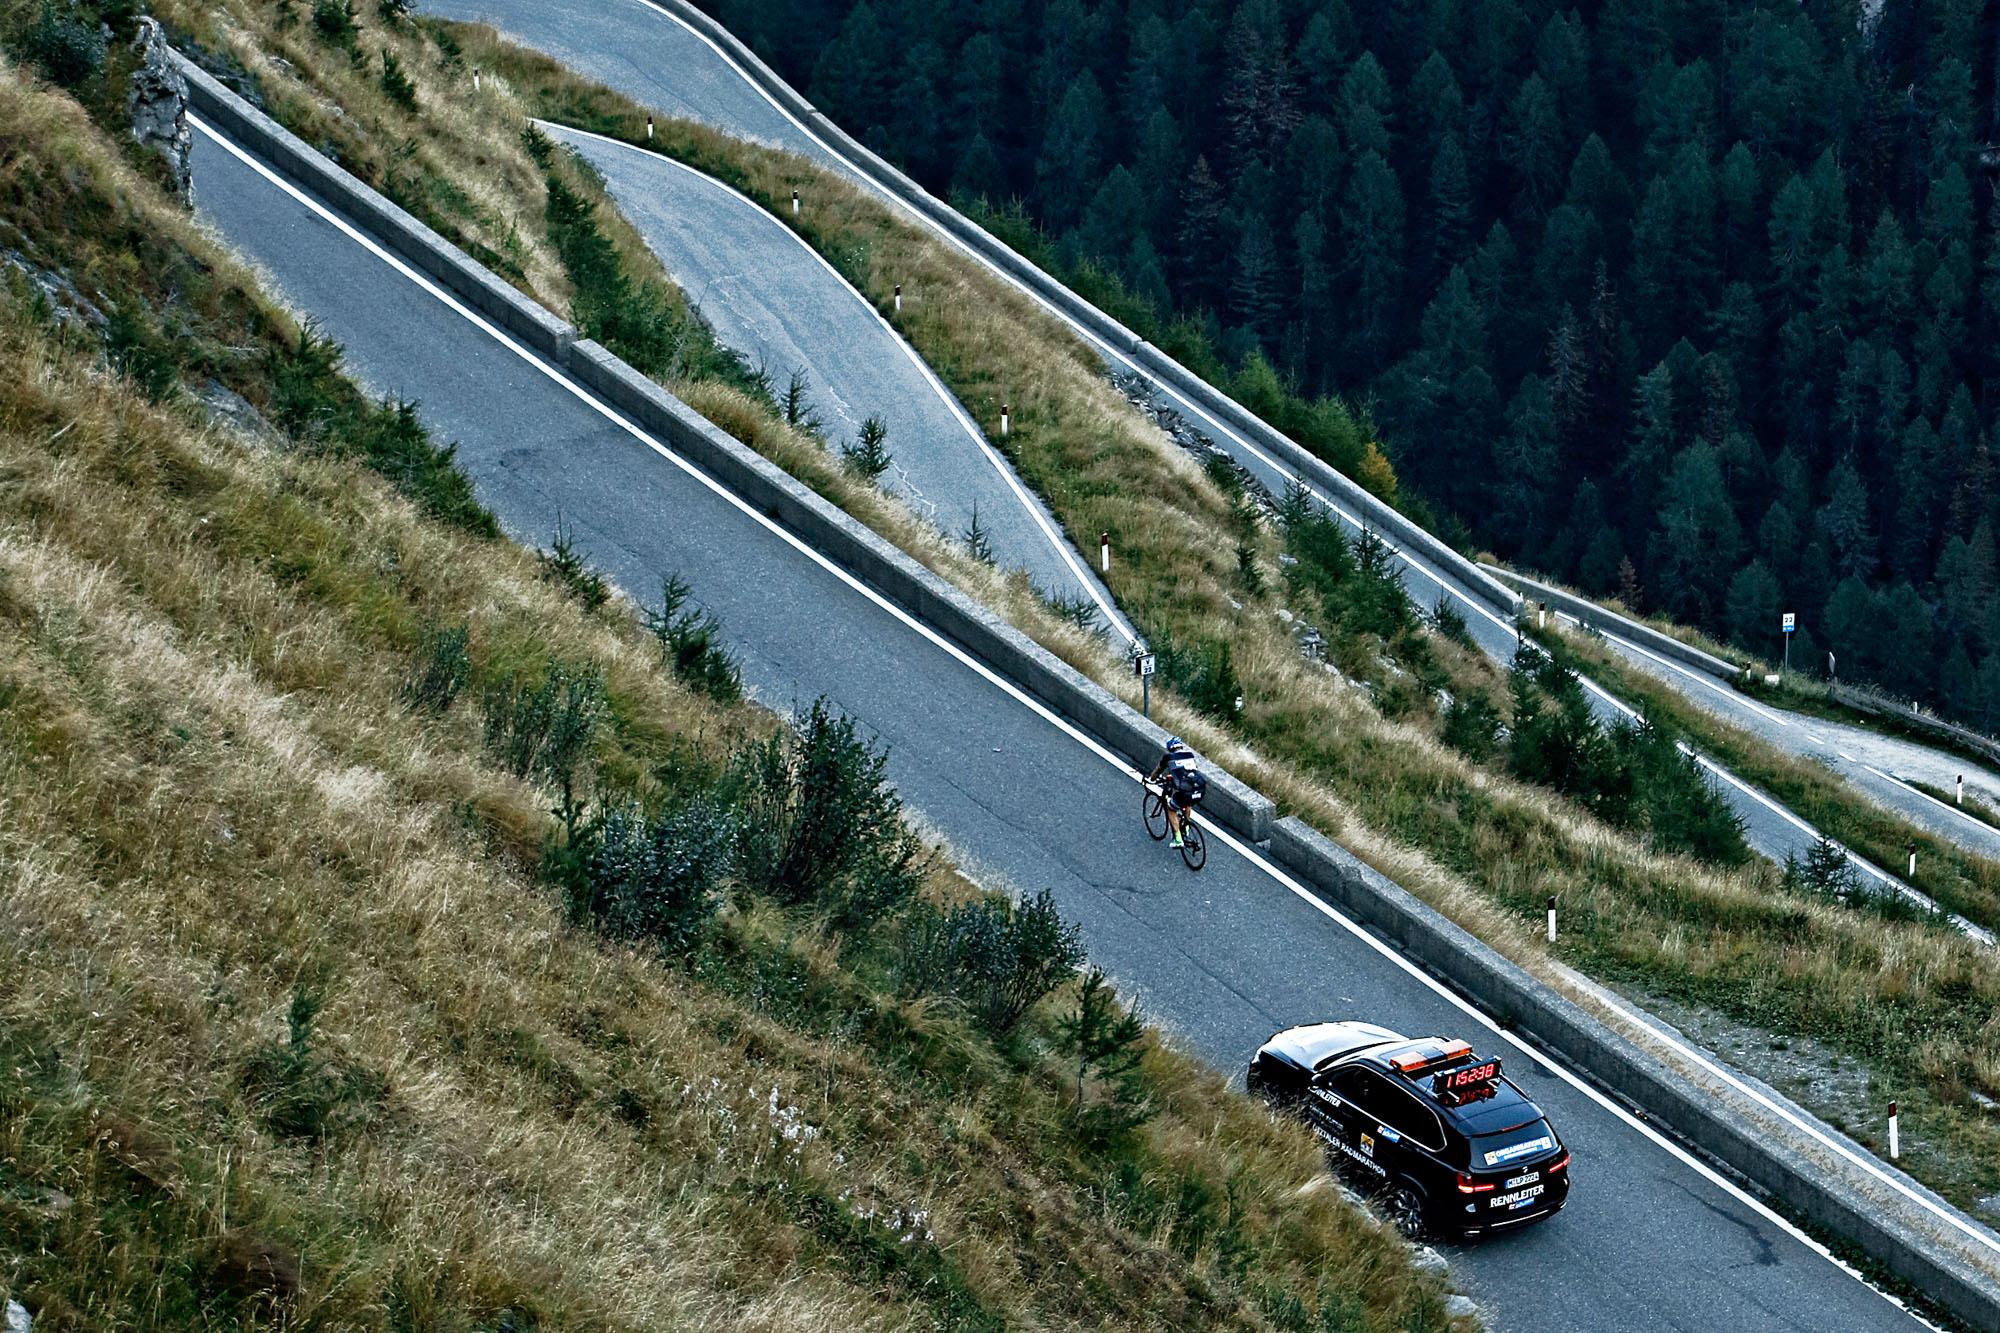 Ein Radfahrer fährt gefolgt vom Besenwagen die Serpentinen des Timmelsjoch hoch